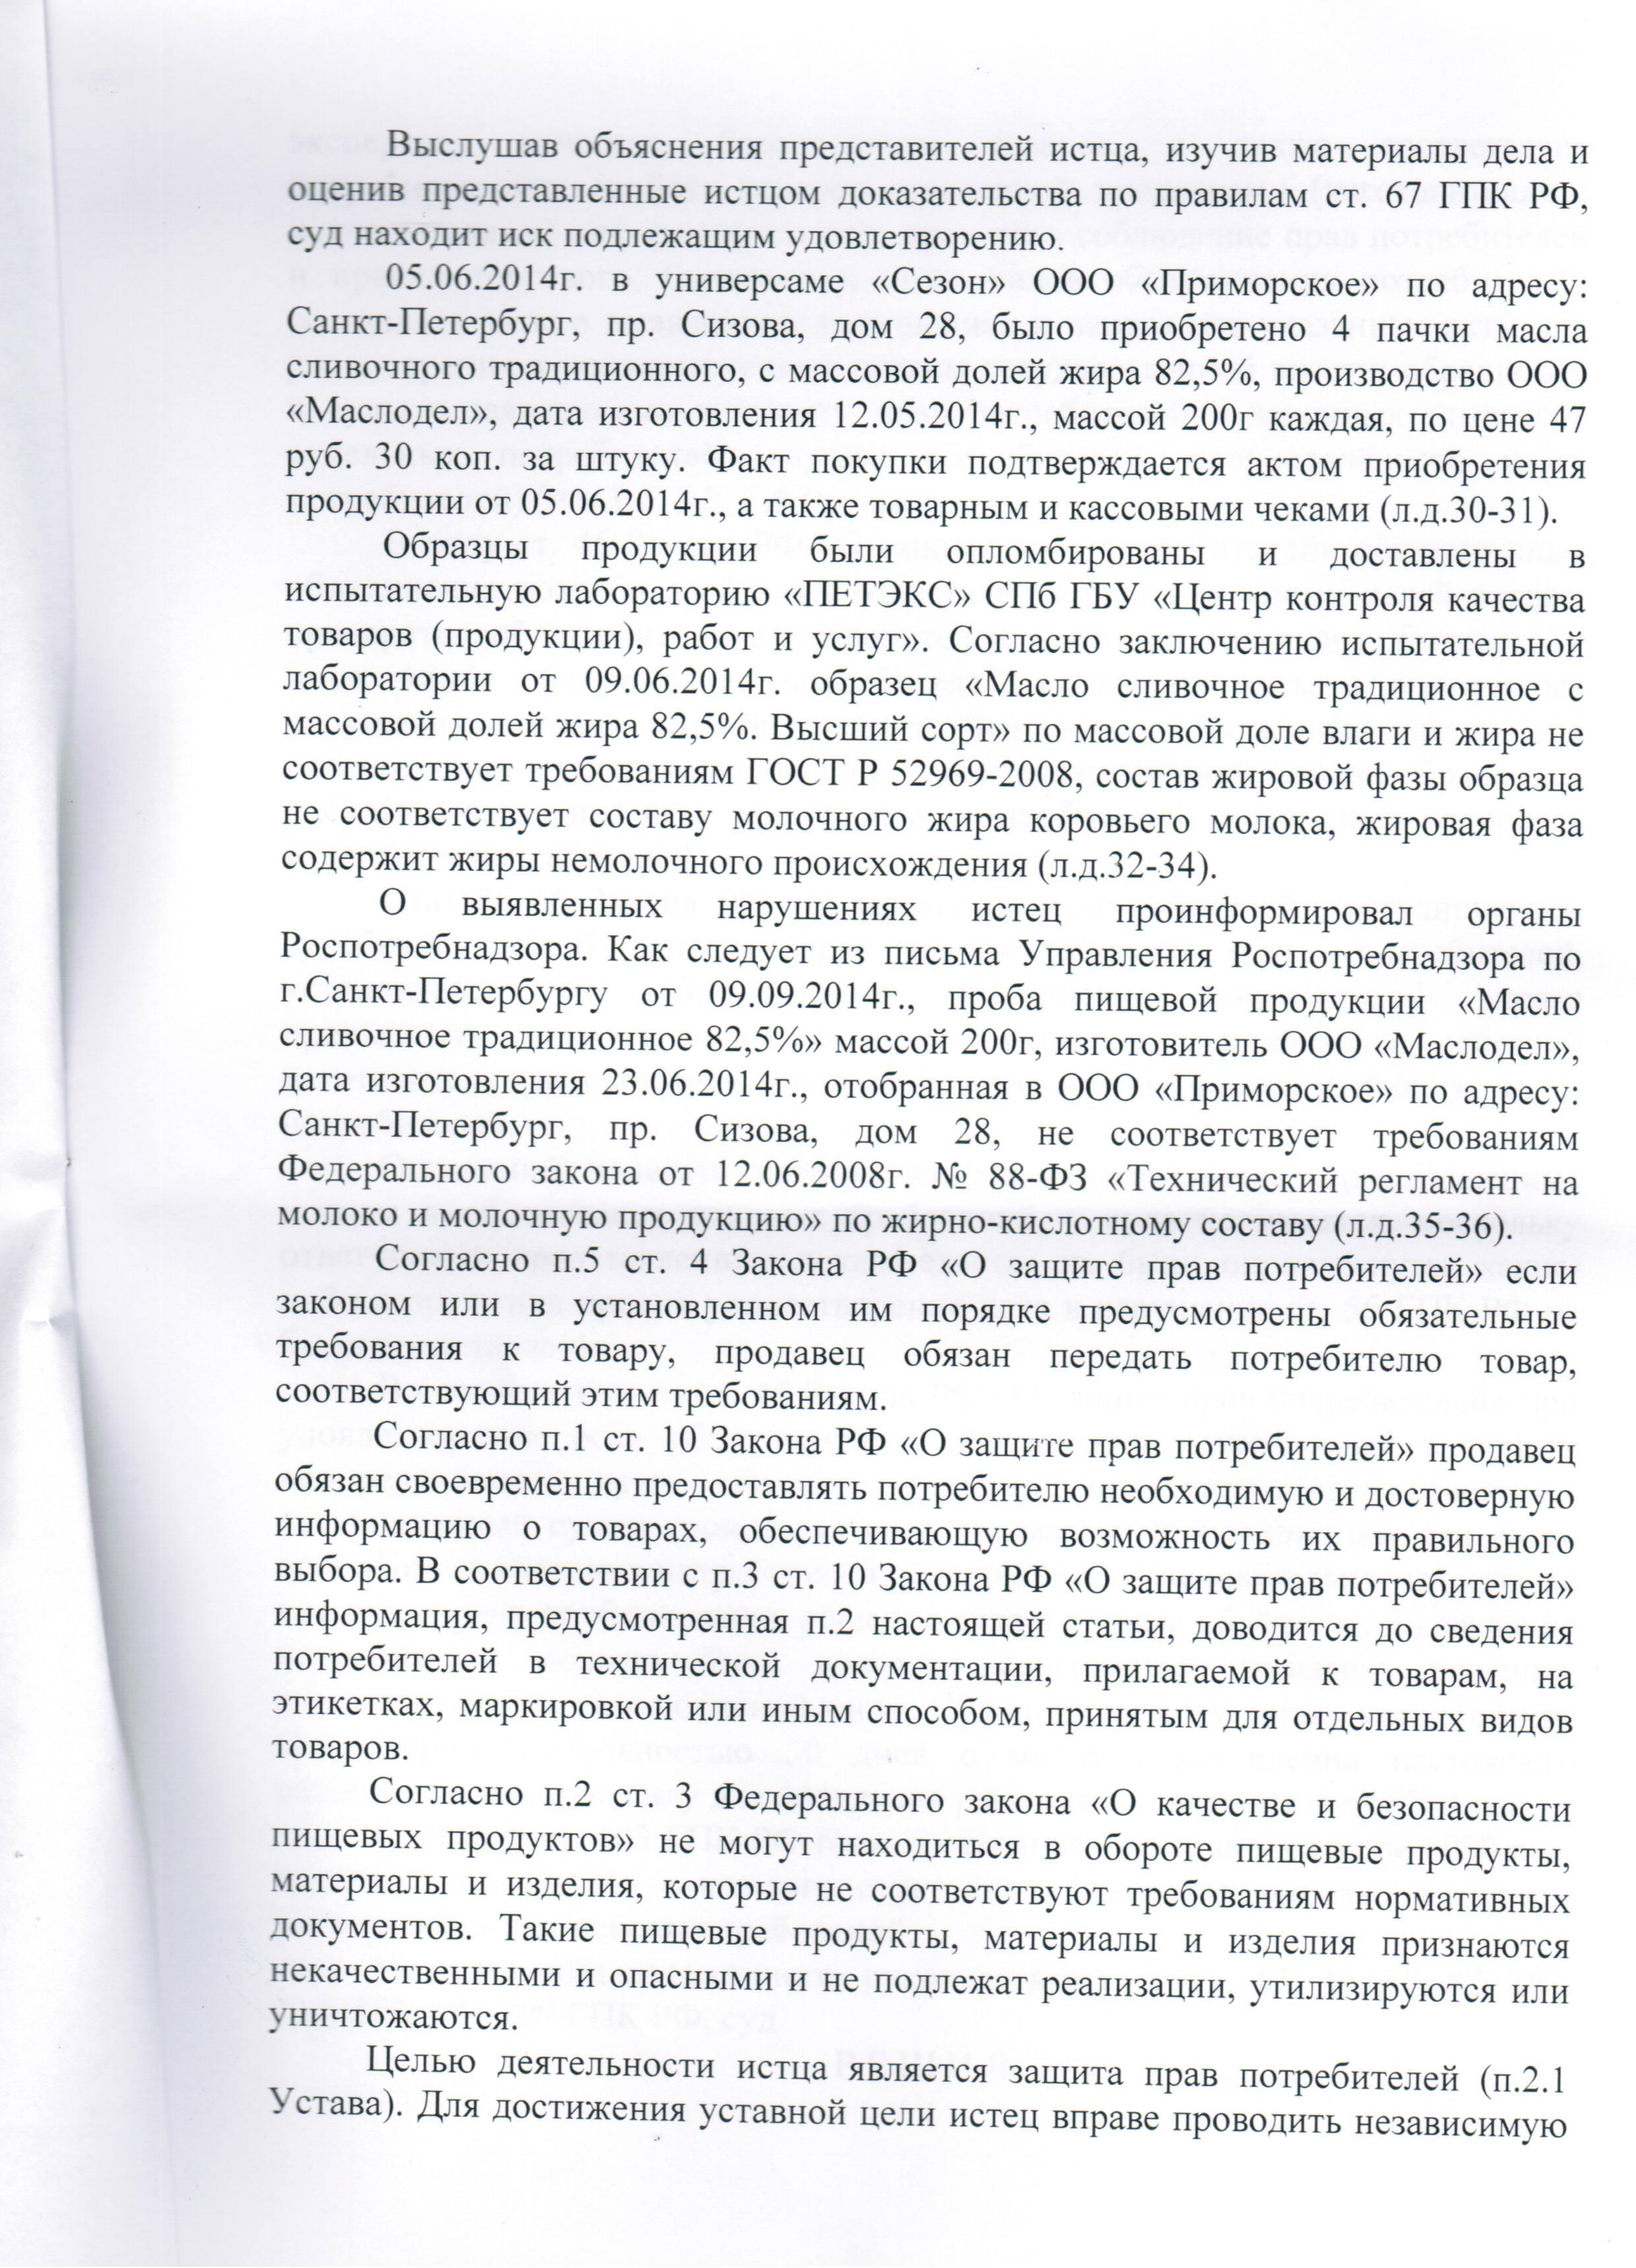 Решение от 14.04.2015 г. по иску СПБ ООП «Общественный контроль» к ООО «Маслодел» и ООО «Приморское»